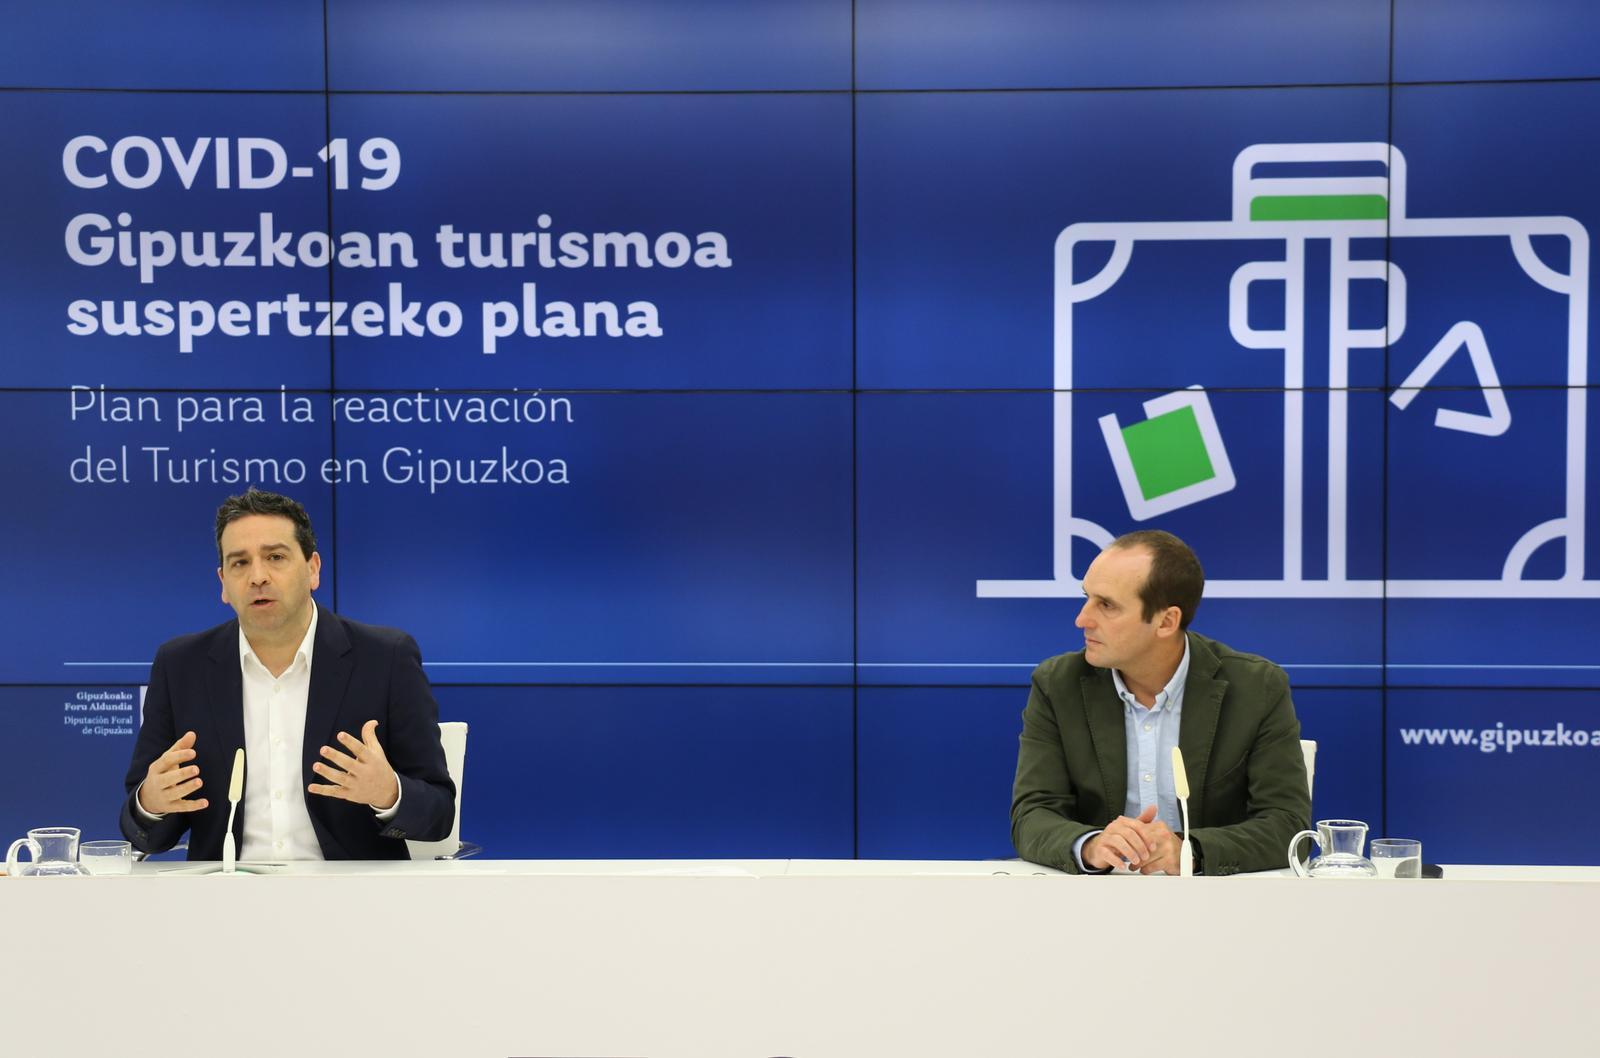 El diputado de Pomoción Económica, Turismo y Medio Rural Imanol Lasa y el director de Turismo Iker Goiria. Foto: Diputación Foral de Gipuzkoa